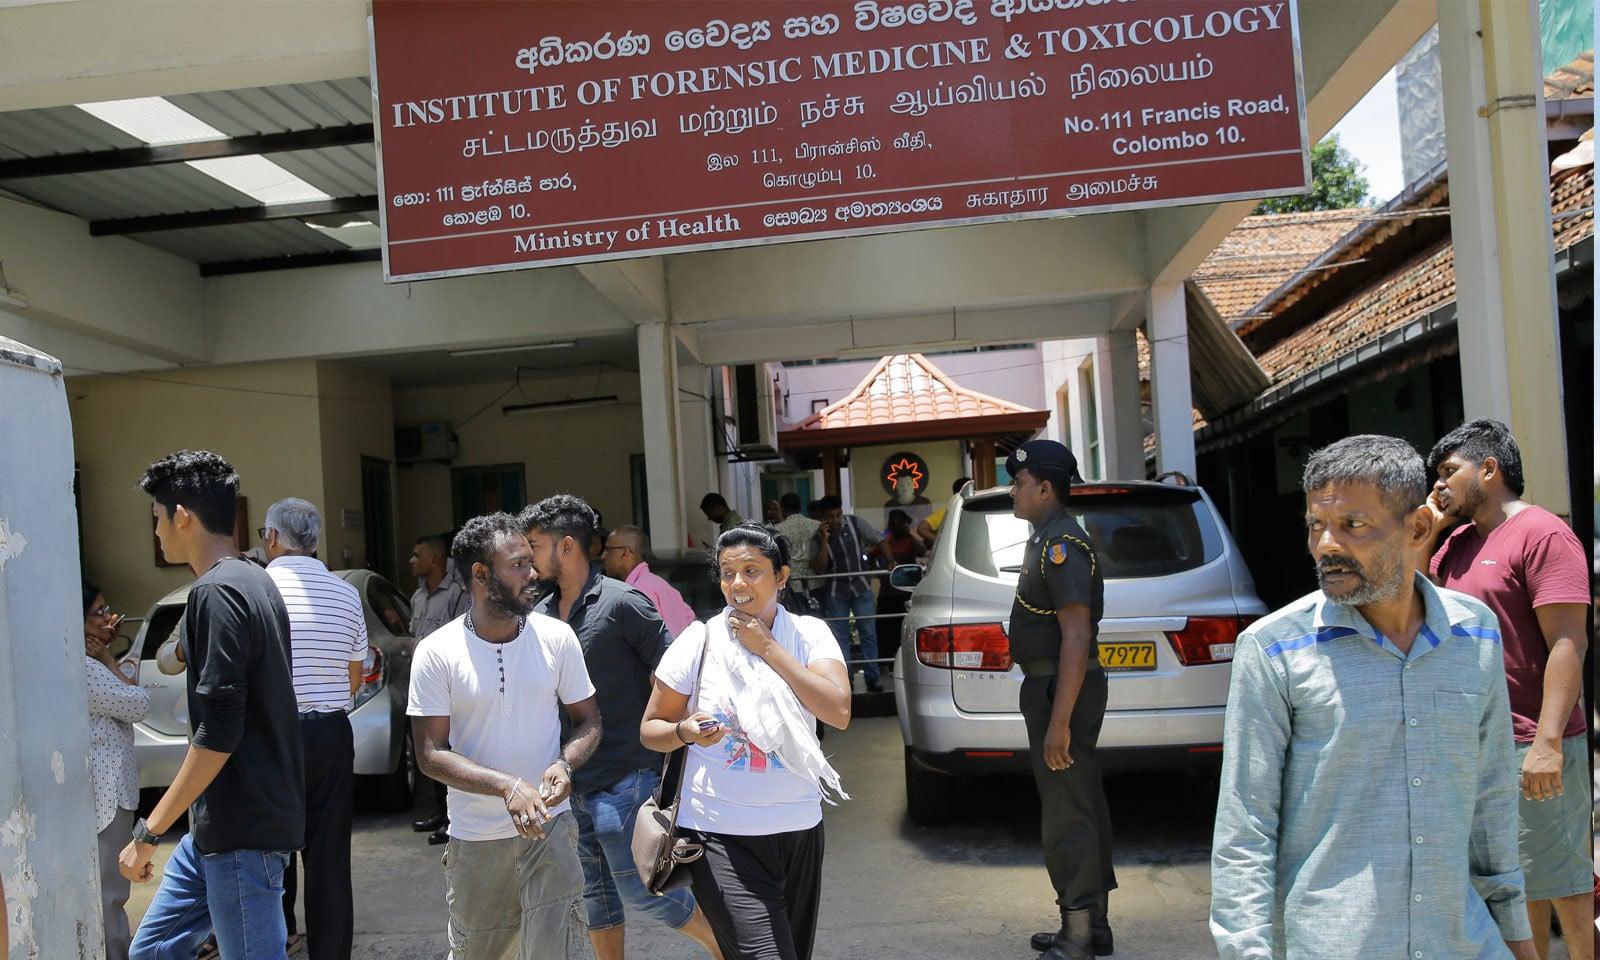 بم حملوں کے نتیجے میں 450 افراد زخمی ہوئے — فوٹو: اے پی